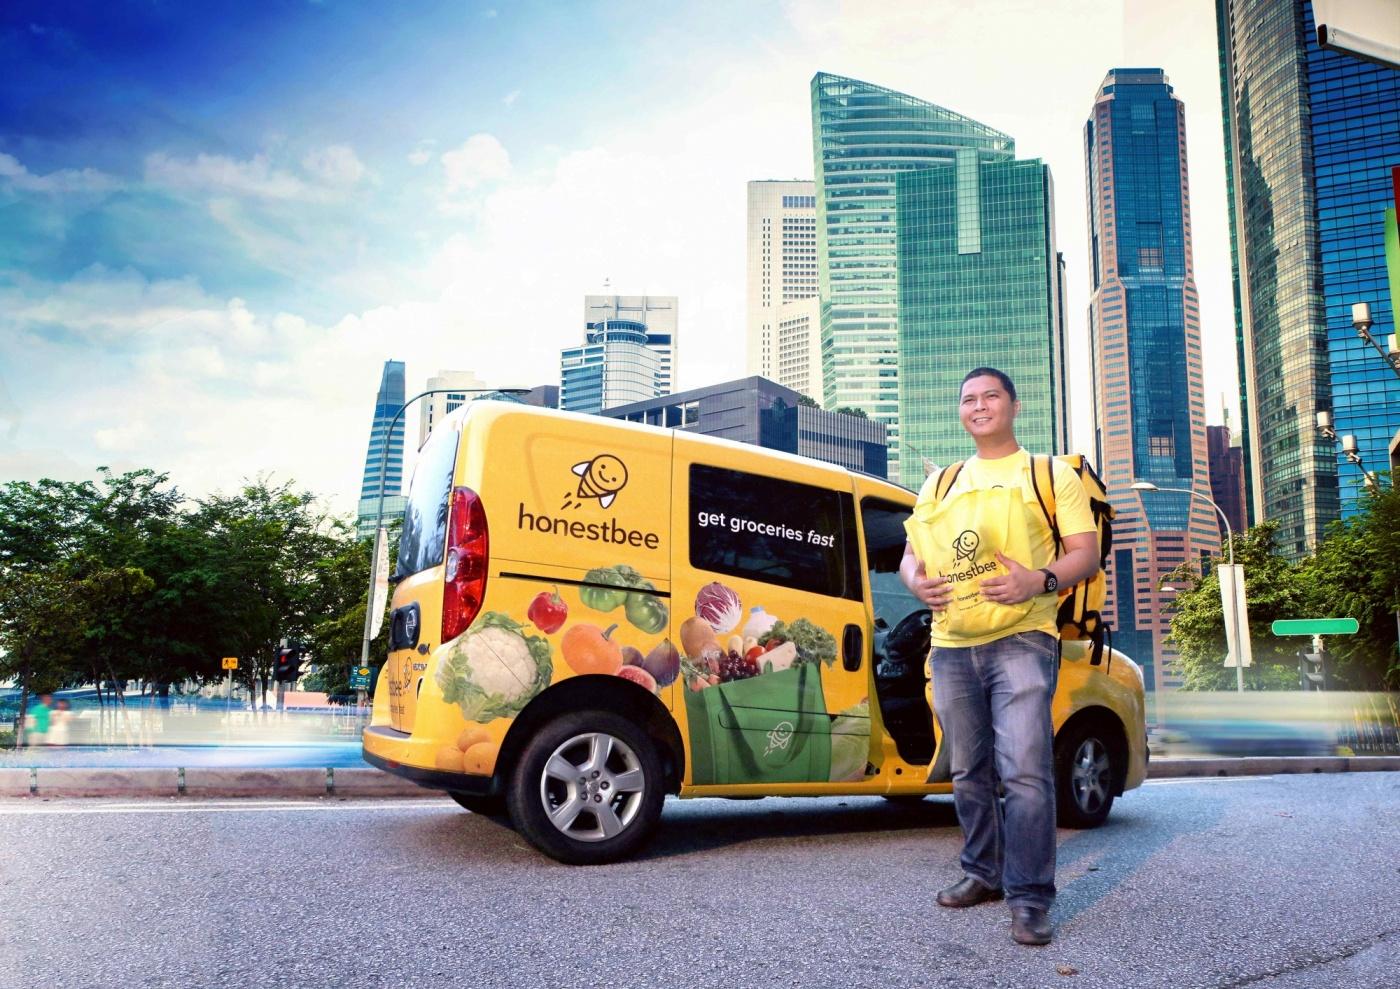 暫停台灣營運、新加坡總部薪水遲發.....員工第一手告白誠實蜜蜂的困境